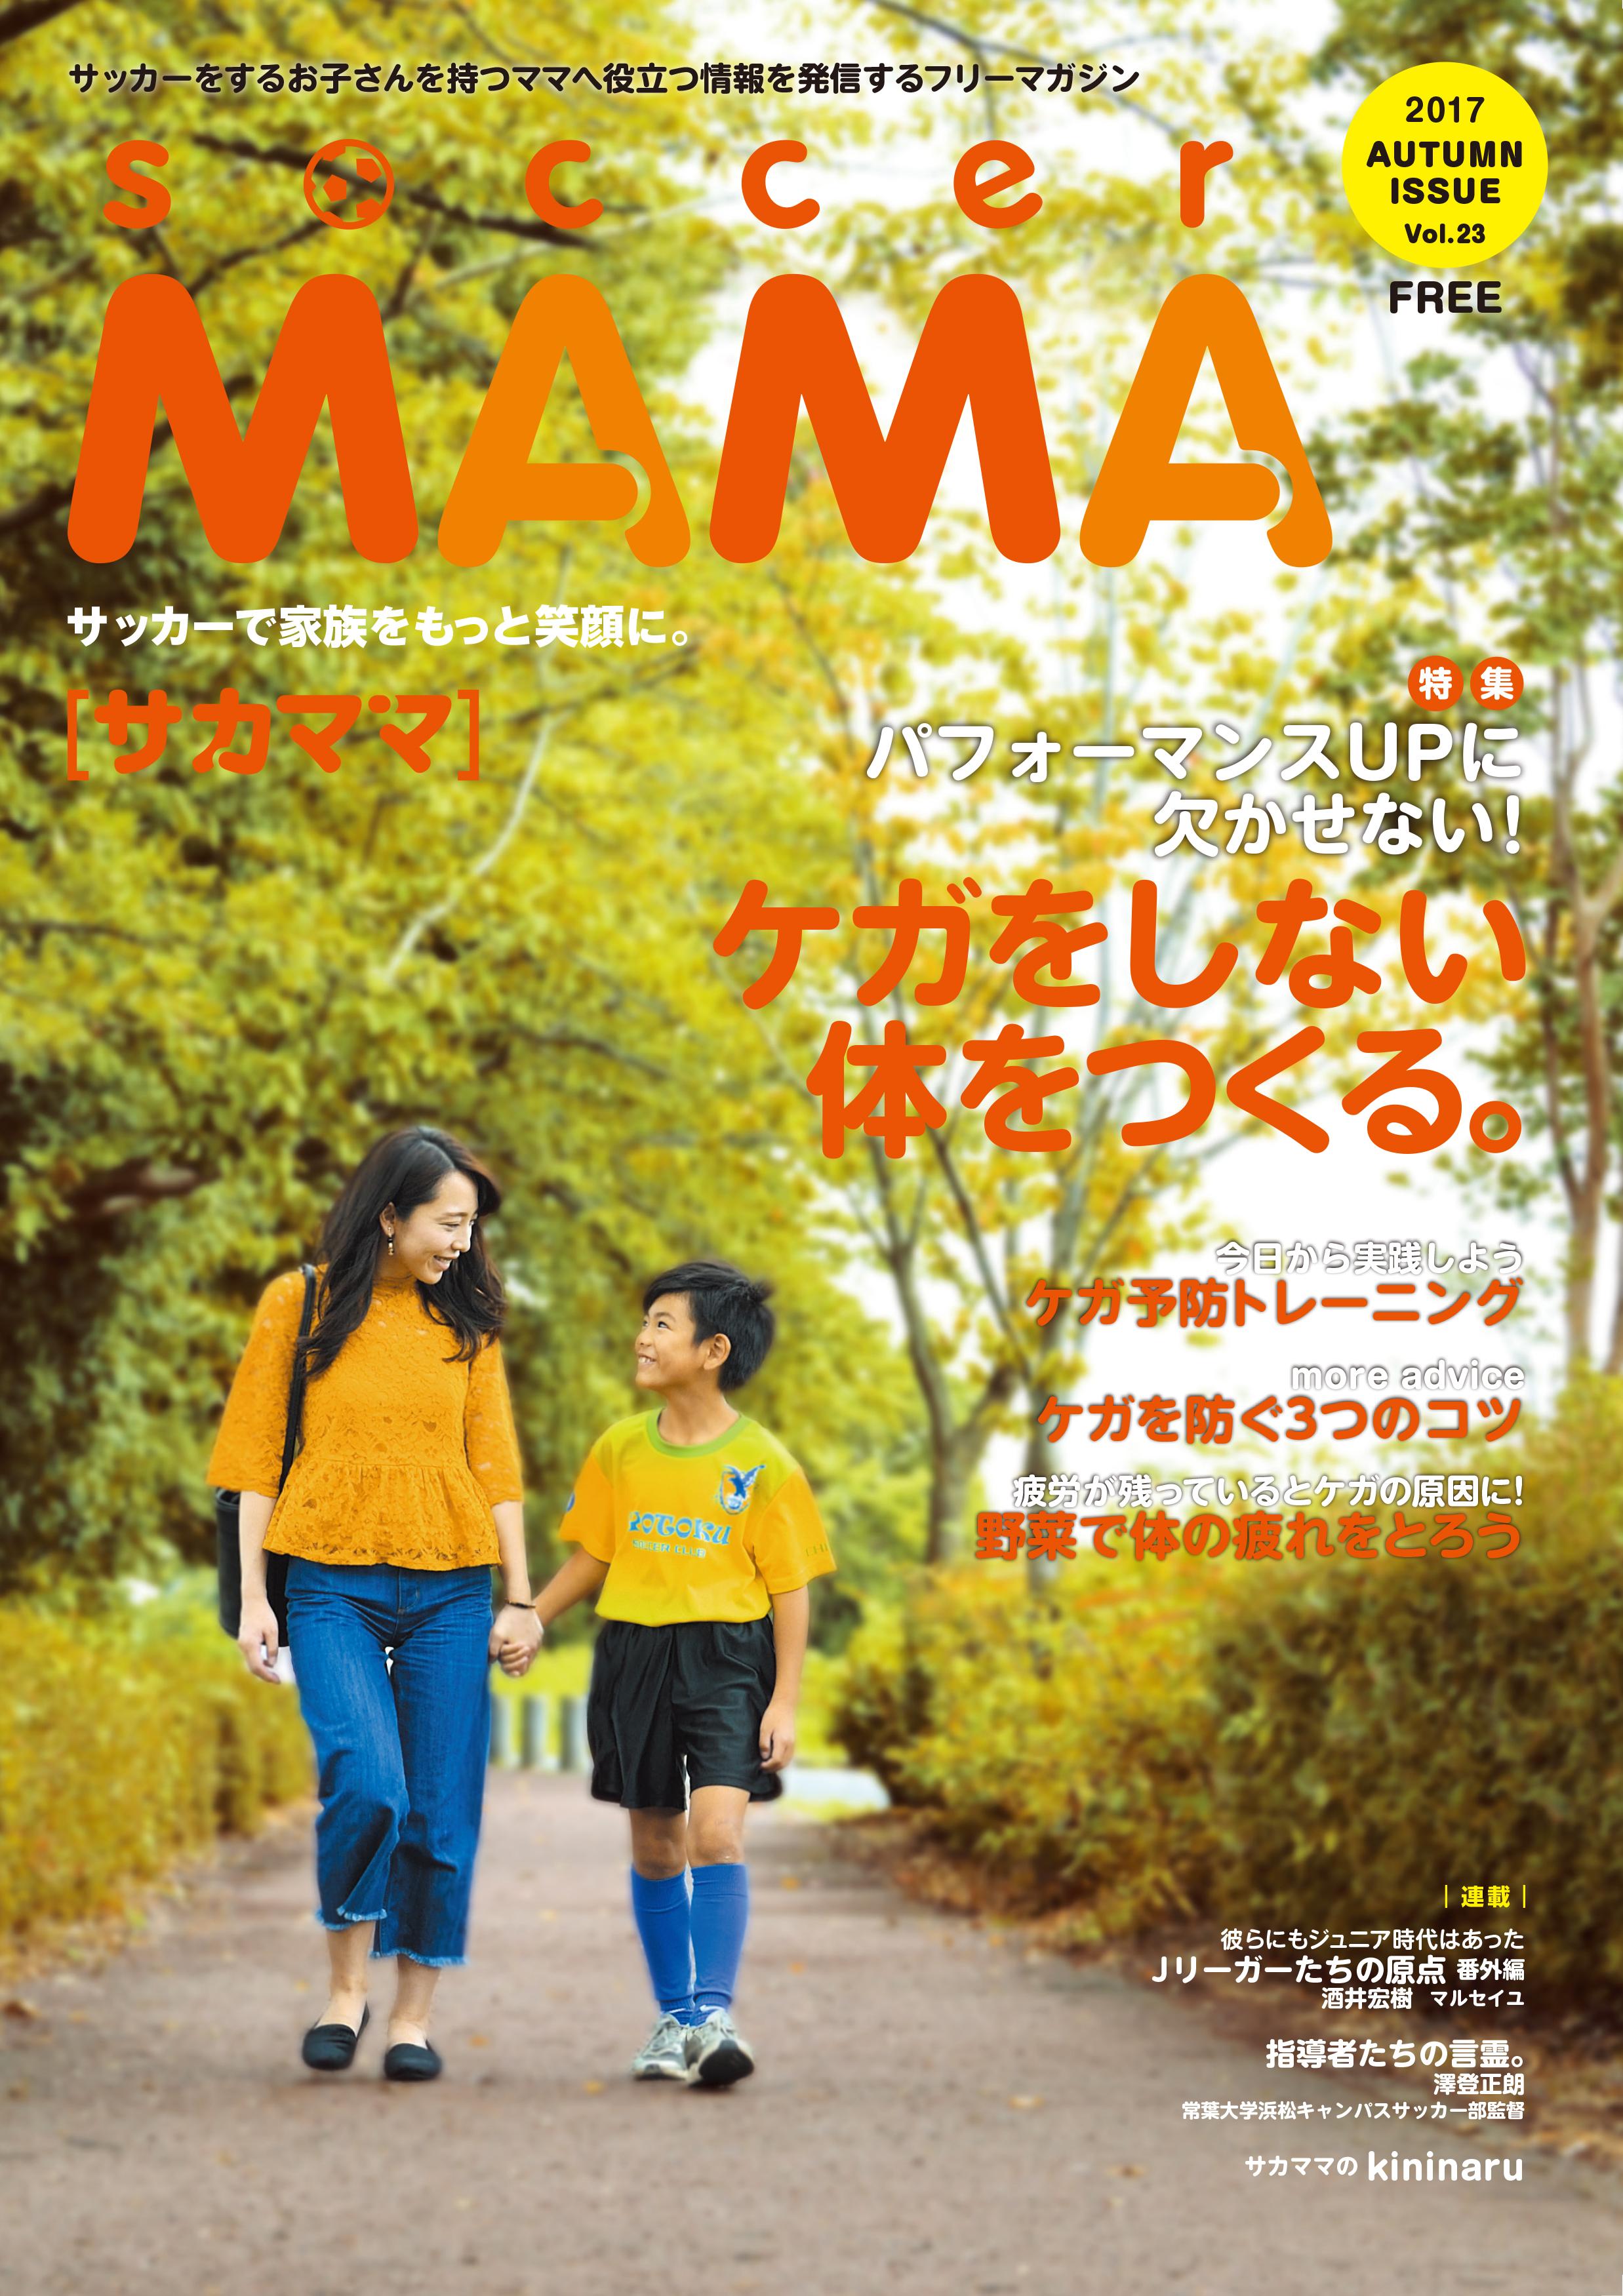 サカママ Vol.23 2017 AUTUMN ISSUE (2017年10月発行)